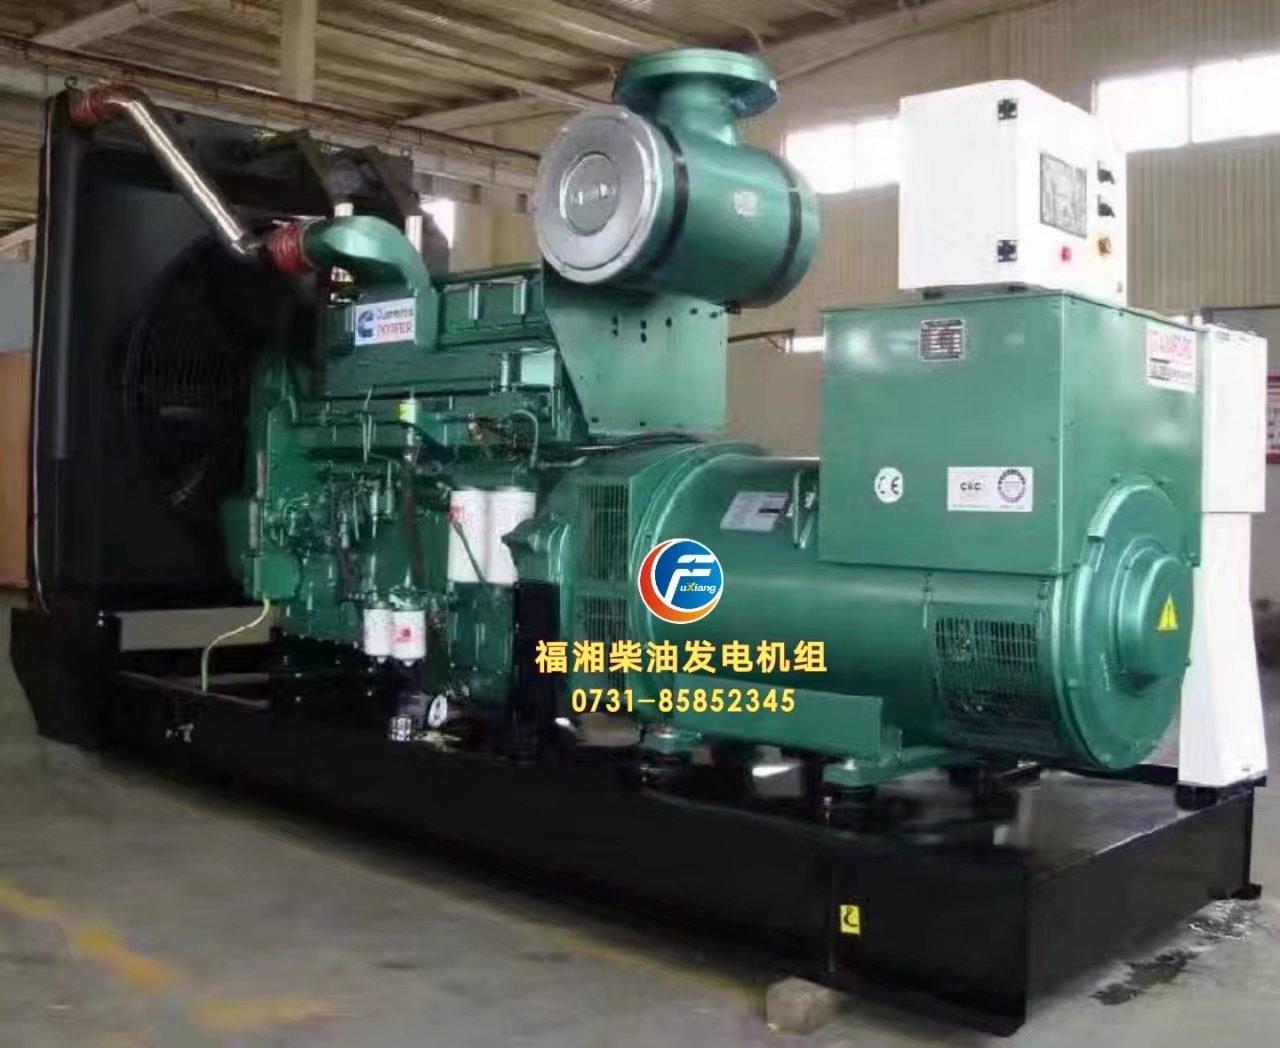 長沙規模大的湖南柴油發電機組廠家推薦-信譽好的湖南濰柴動力柴油發電機組